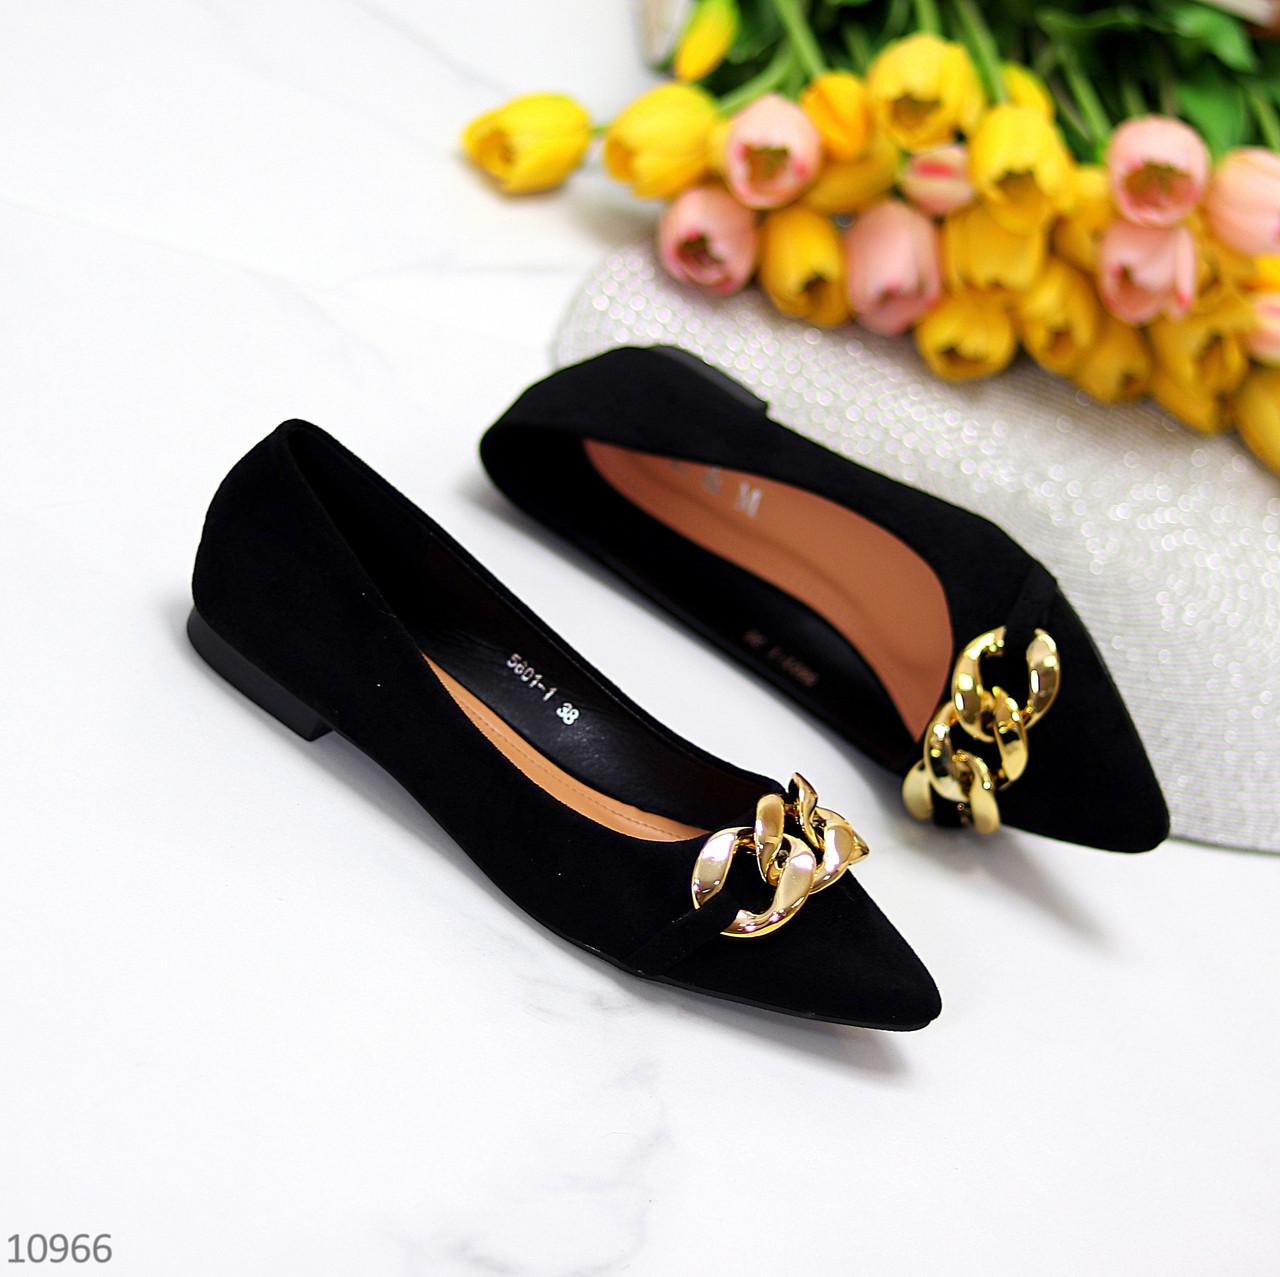 Ошатні жіночі чорні туфлі-балетки човники з декором ланцюг 37-24 см